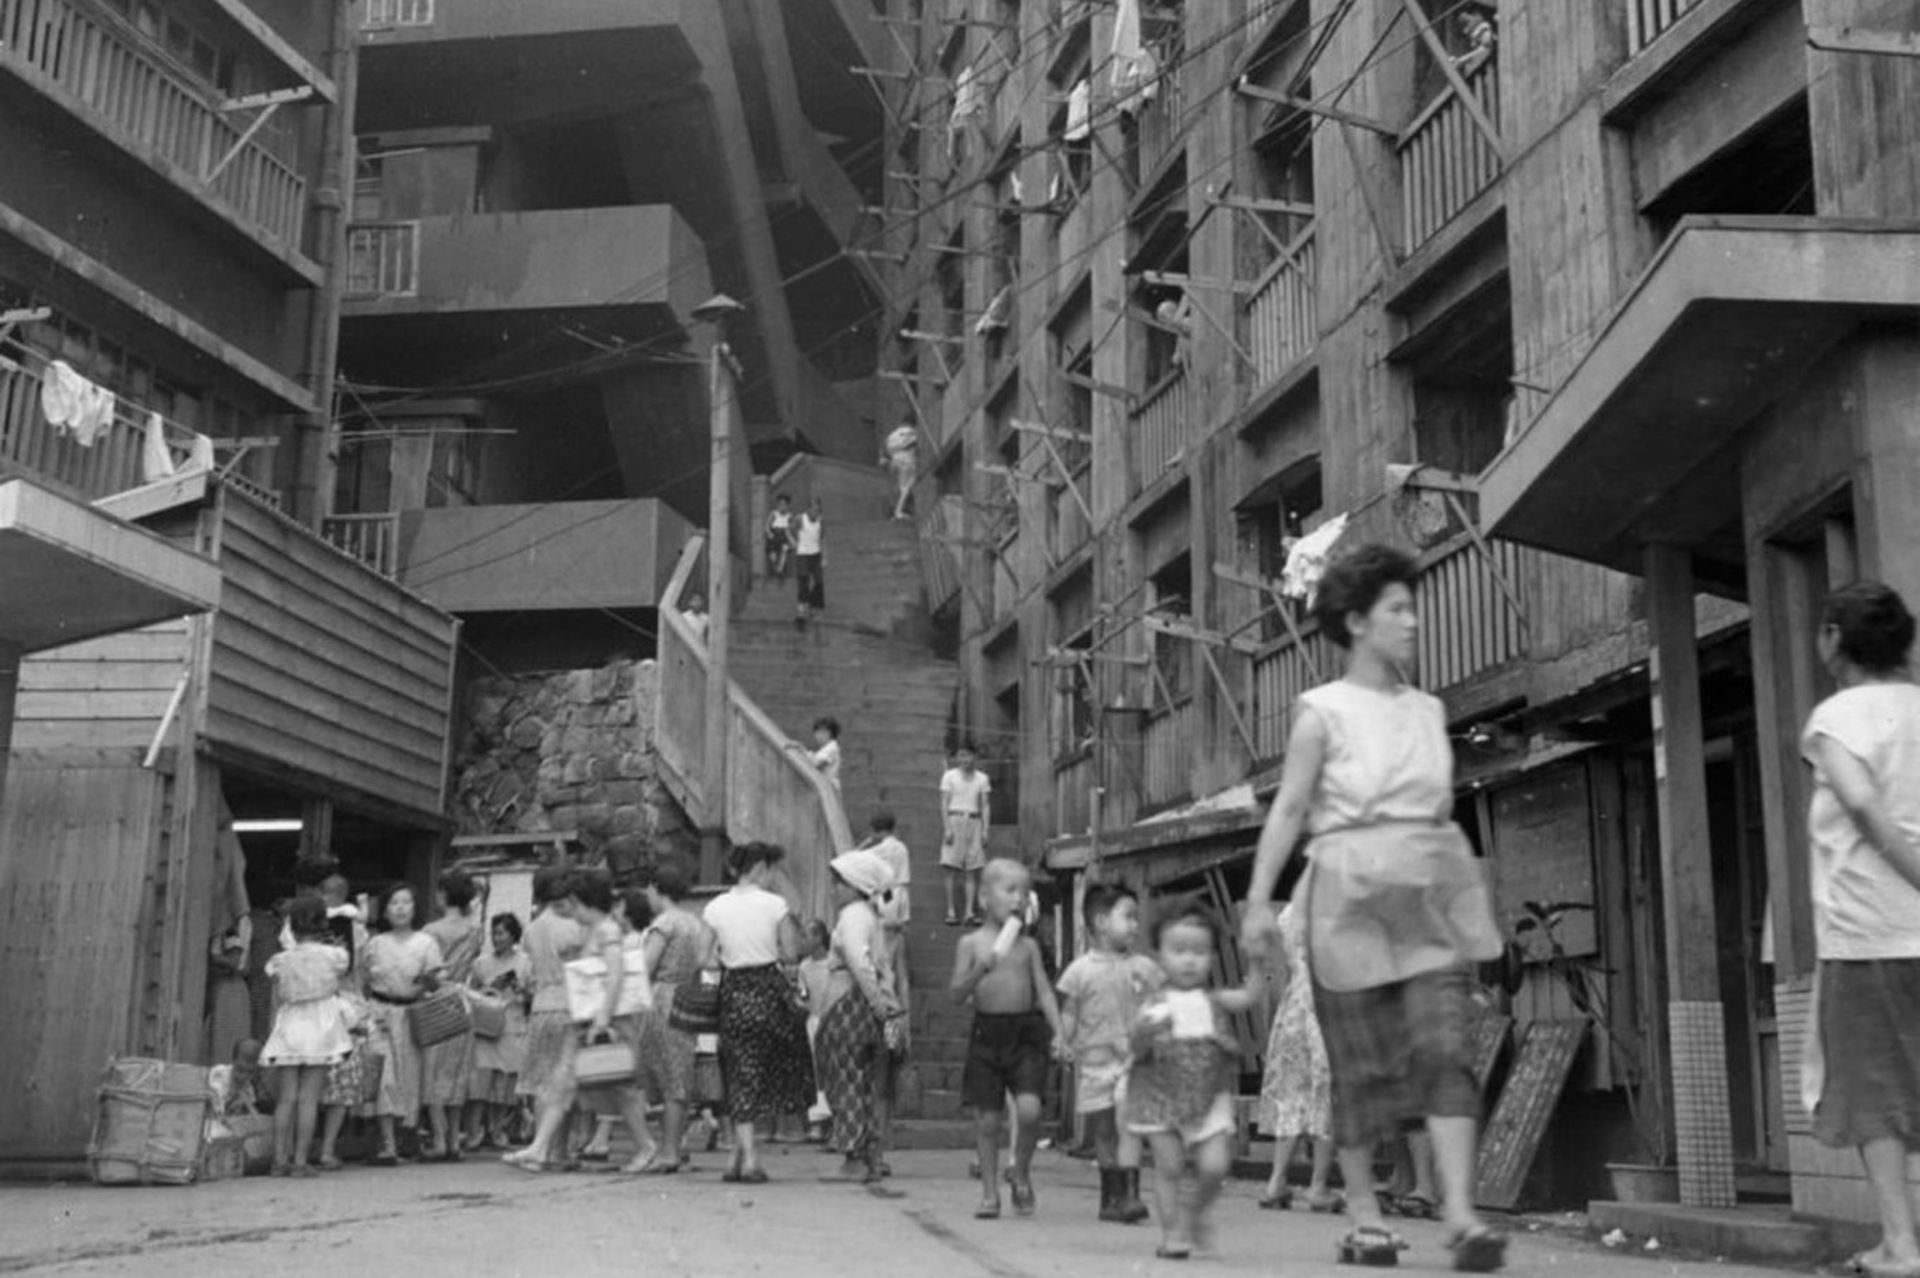 La isla contaba con unos 150 edificios para albergar a los mineros del carbón y a sus familias